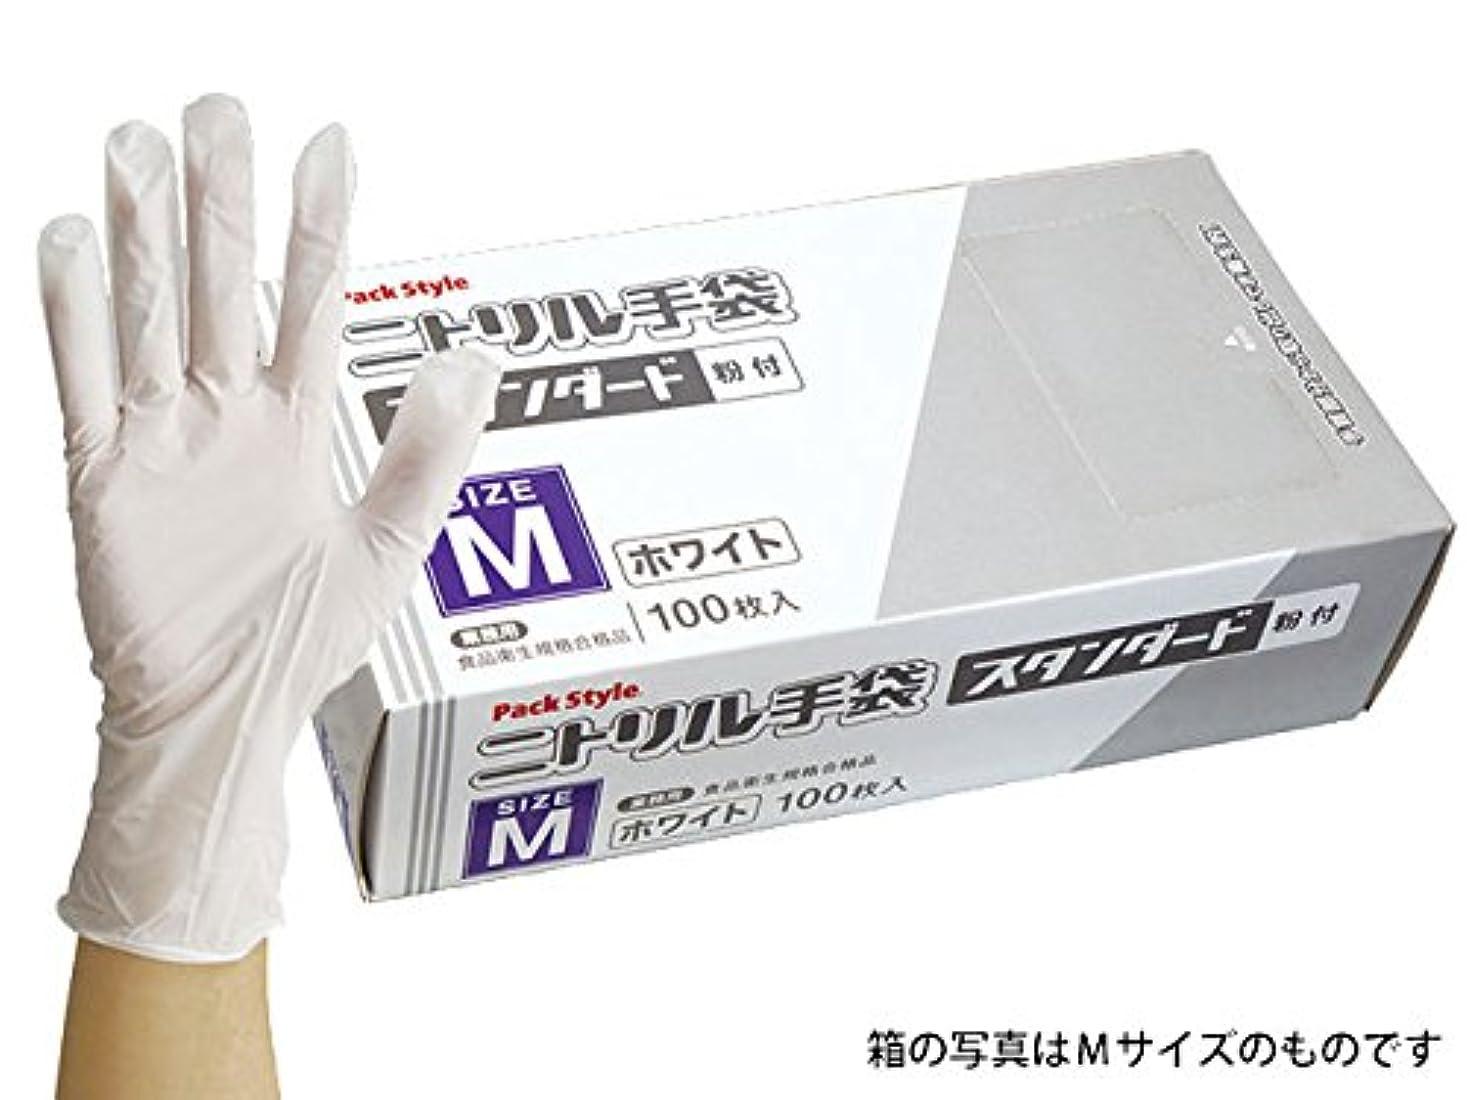 知人宙返り開発パックスタイル 業務用 使い捨て ニトリル手袋 スタンダード 白?粉付 S 3000枚 00531606